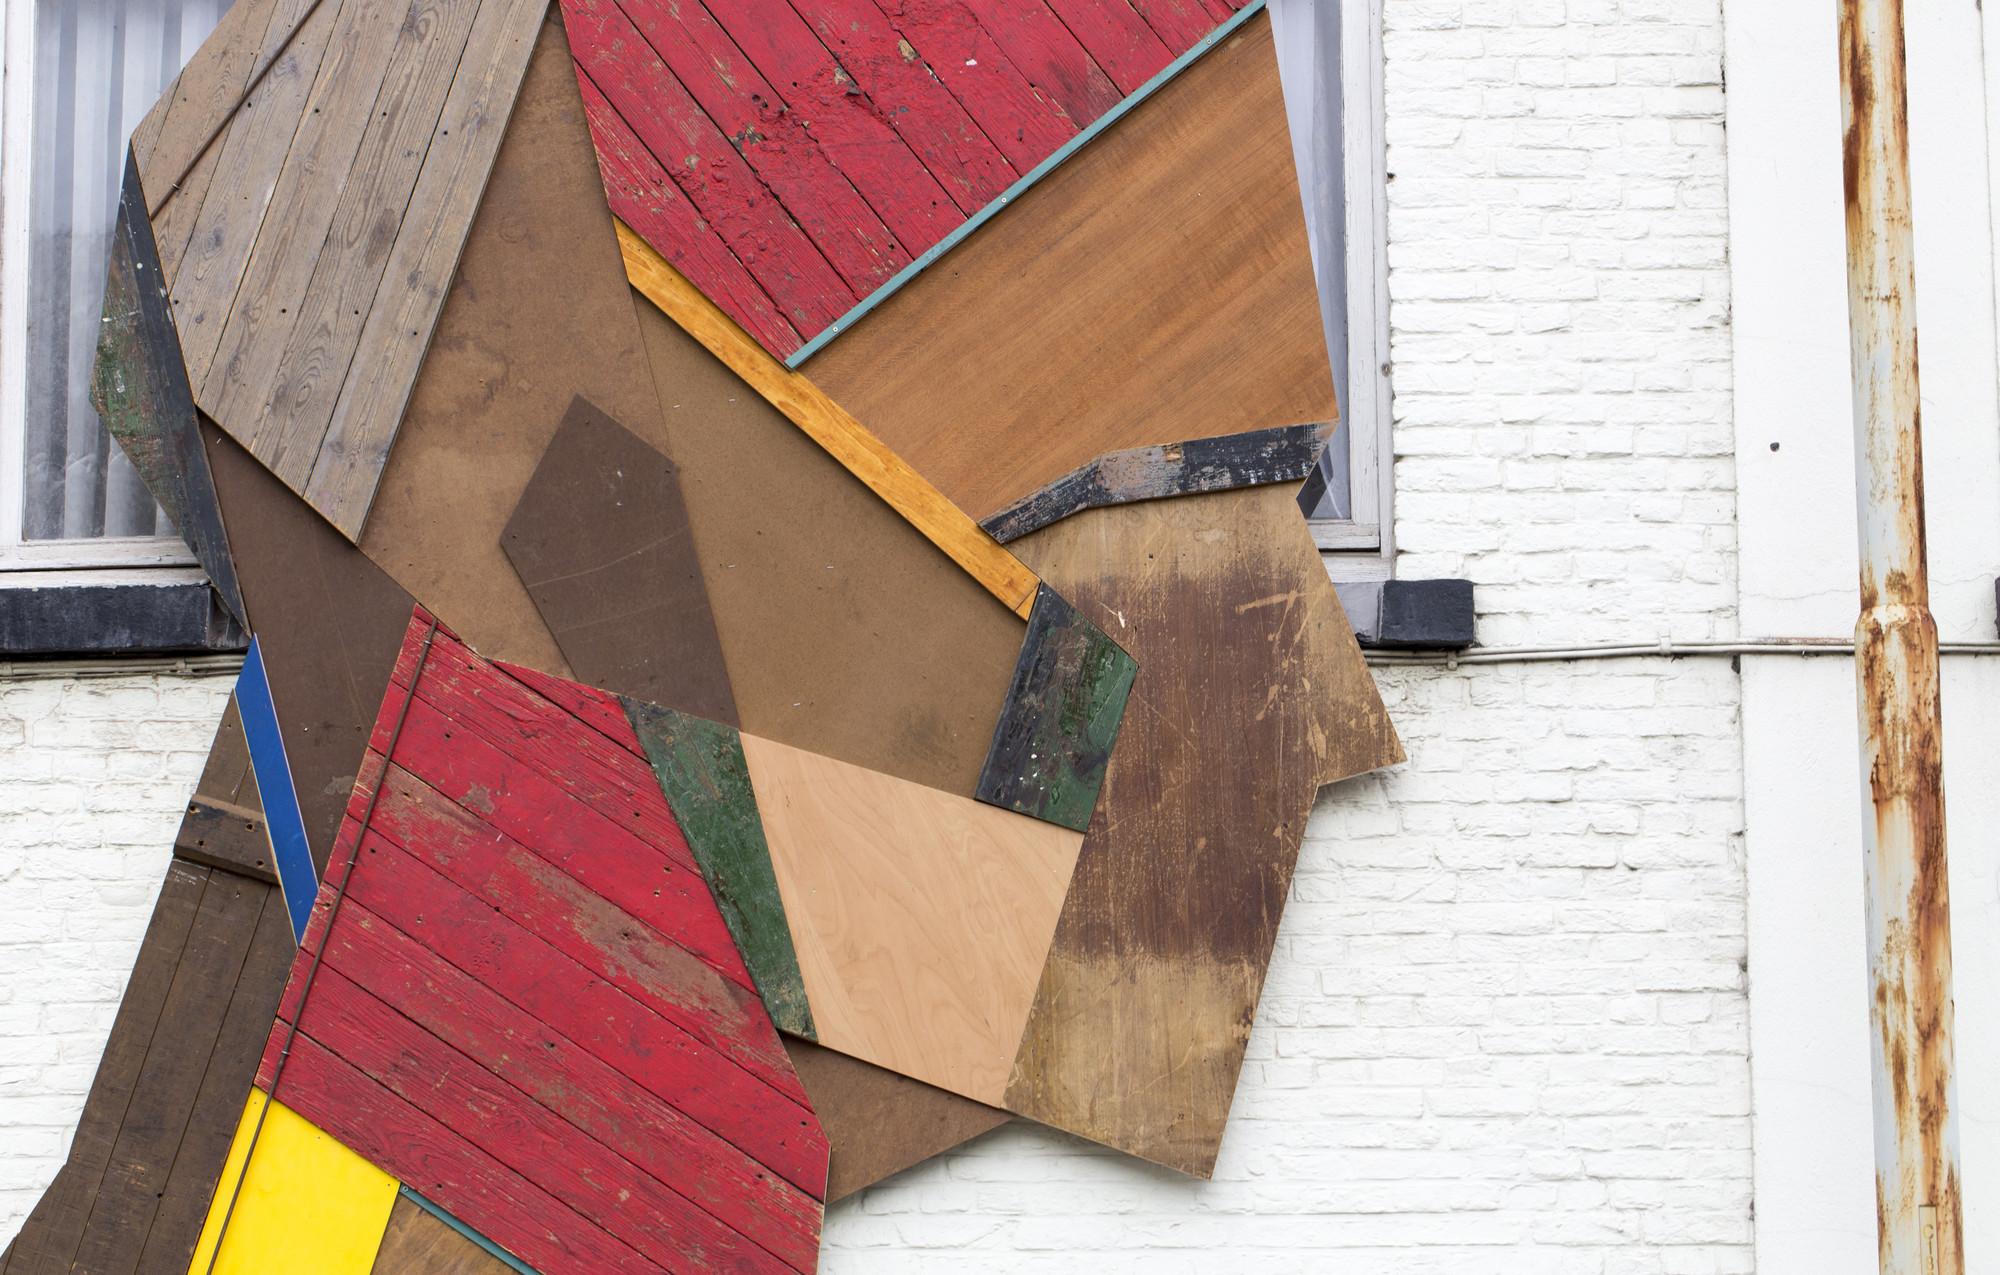 Galer a de strook crea coloridos murales callejeros con madera reciclada 4 - Murales de madera ...